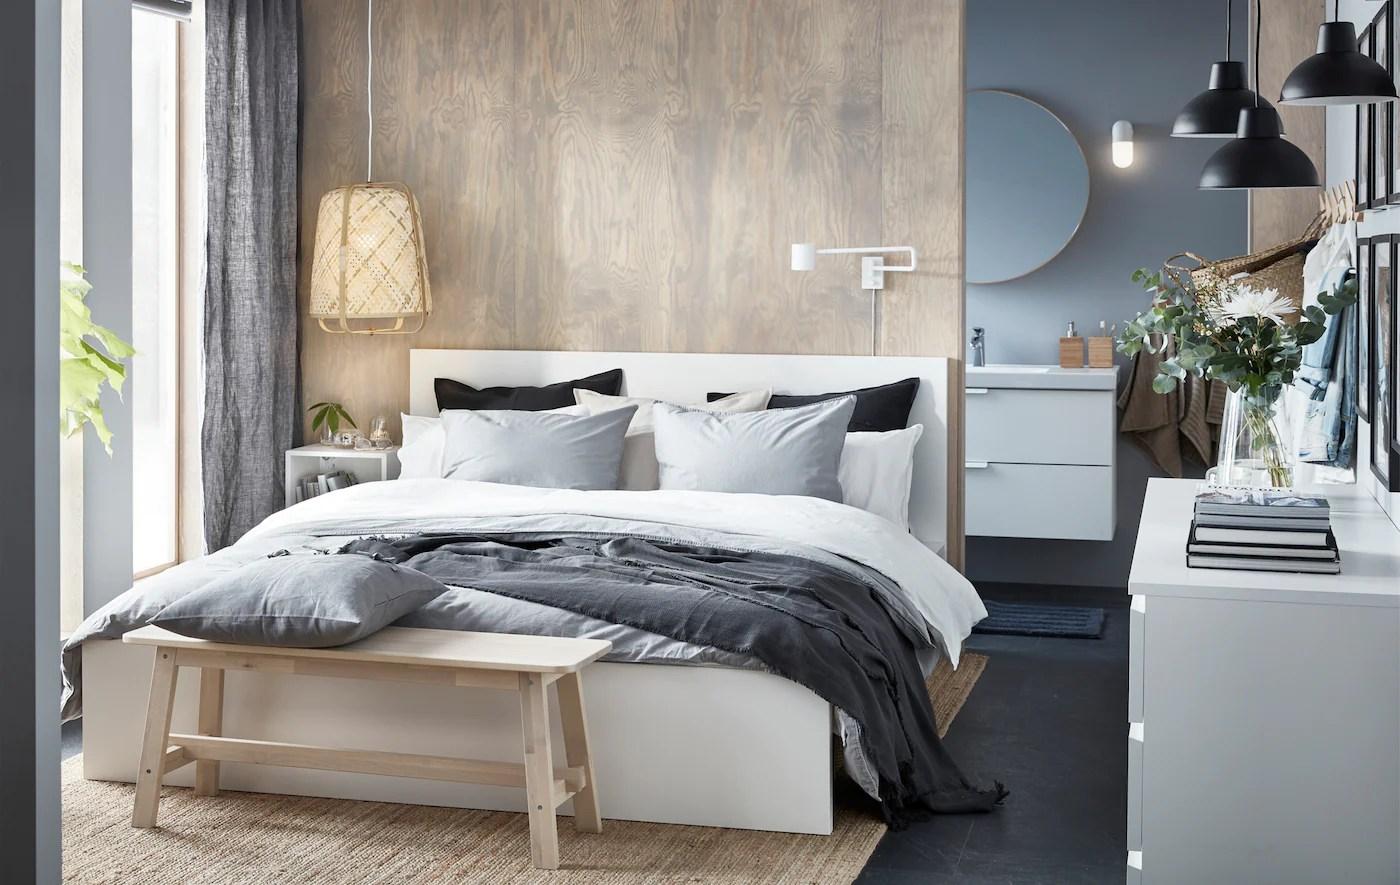 In ikea ci sono diverse alternative in camere da letto moderne per soddisfare le vostre aspettative, ogni giorno ci sono posti migliori dove potrete vedere modelli innovativi, a beneficio di tutti. Elegante Minimalismo In Una Piccola Camera Da Letto Ikea It